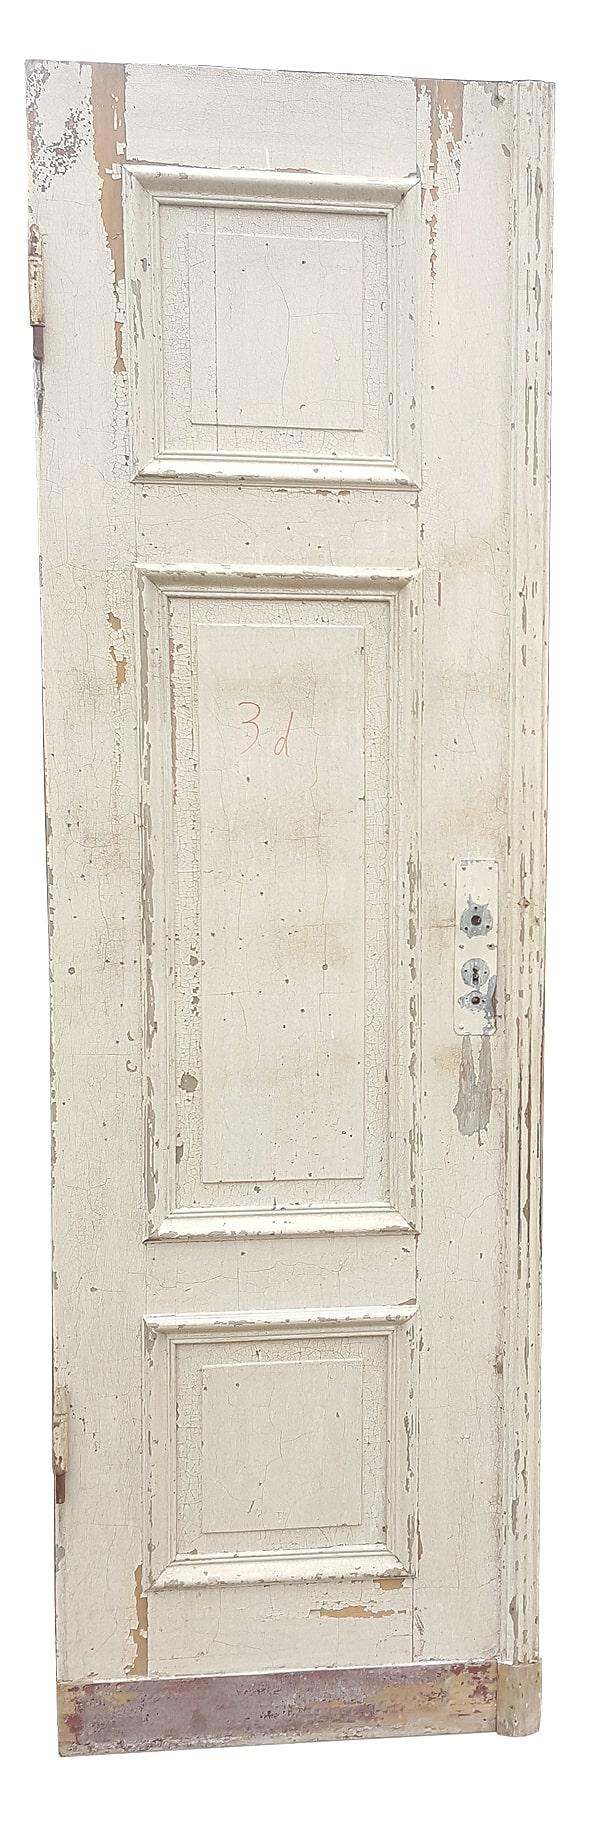 Tür alt Flügeltür weiß links Shabby Vintage Krakele